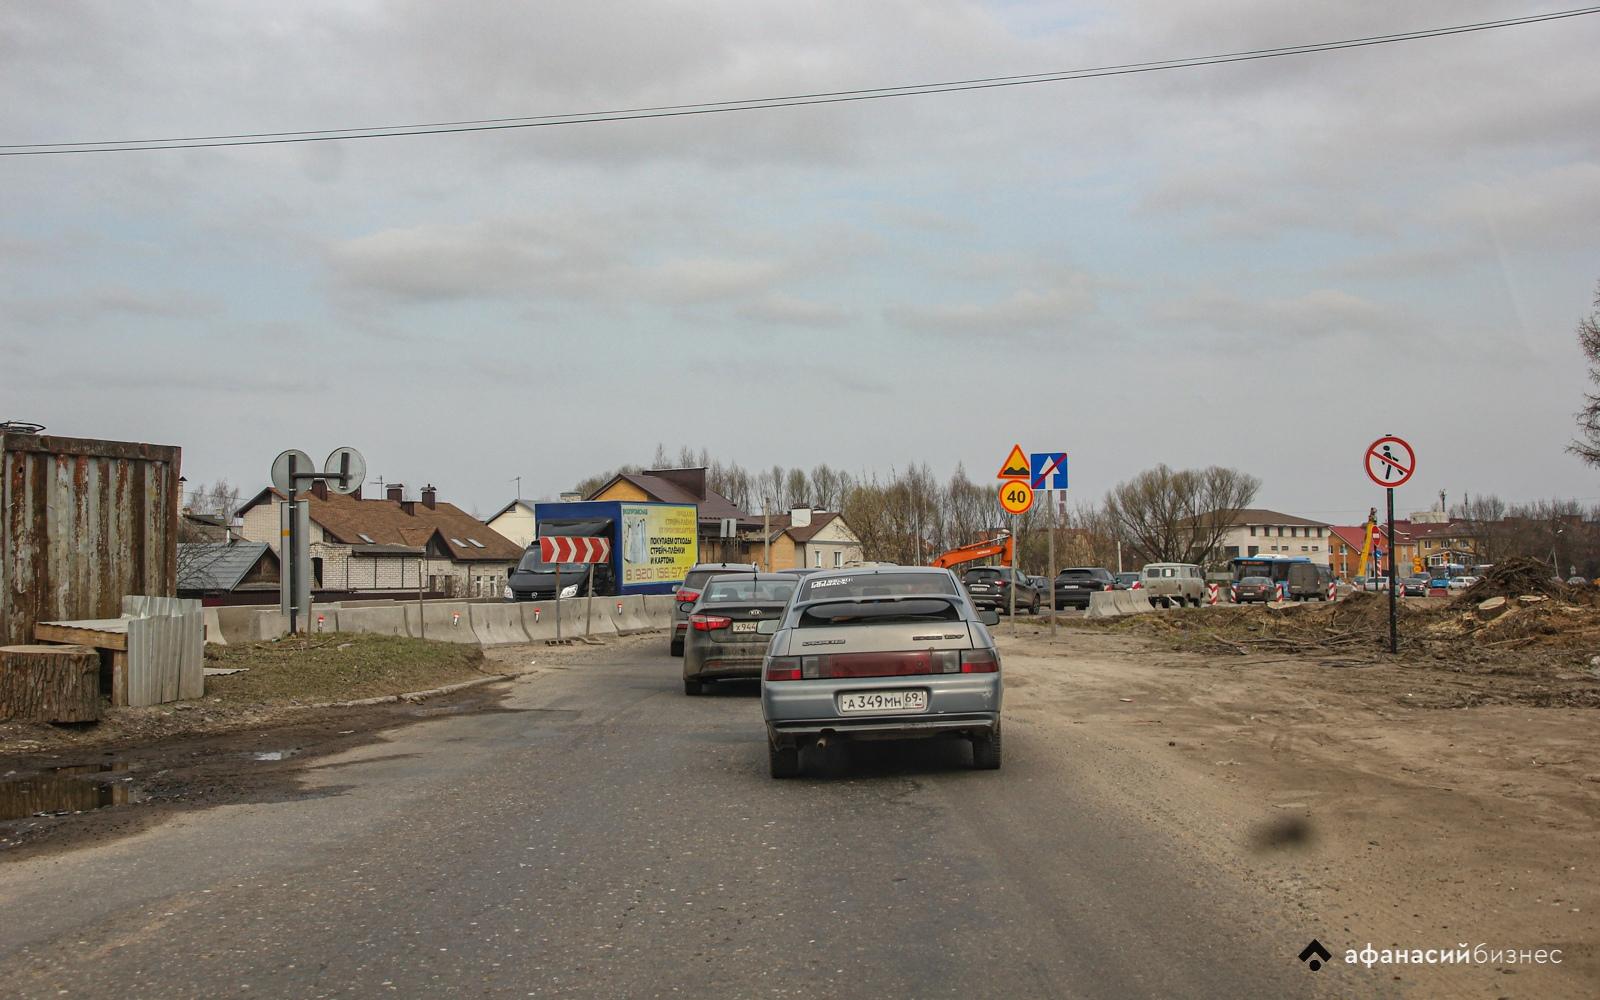 В Твери принято решение об установке светофора на Бежецком шоссе